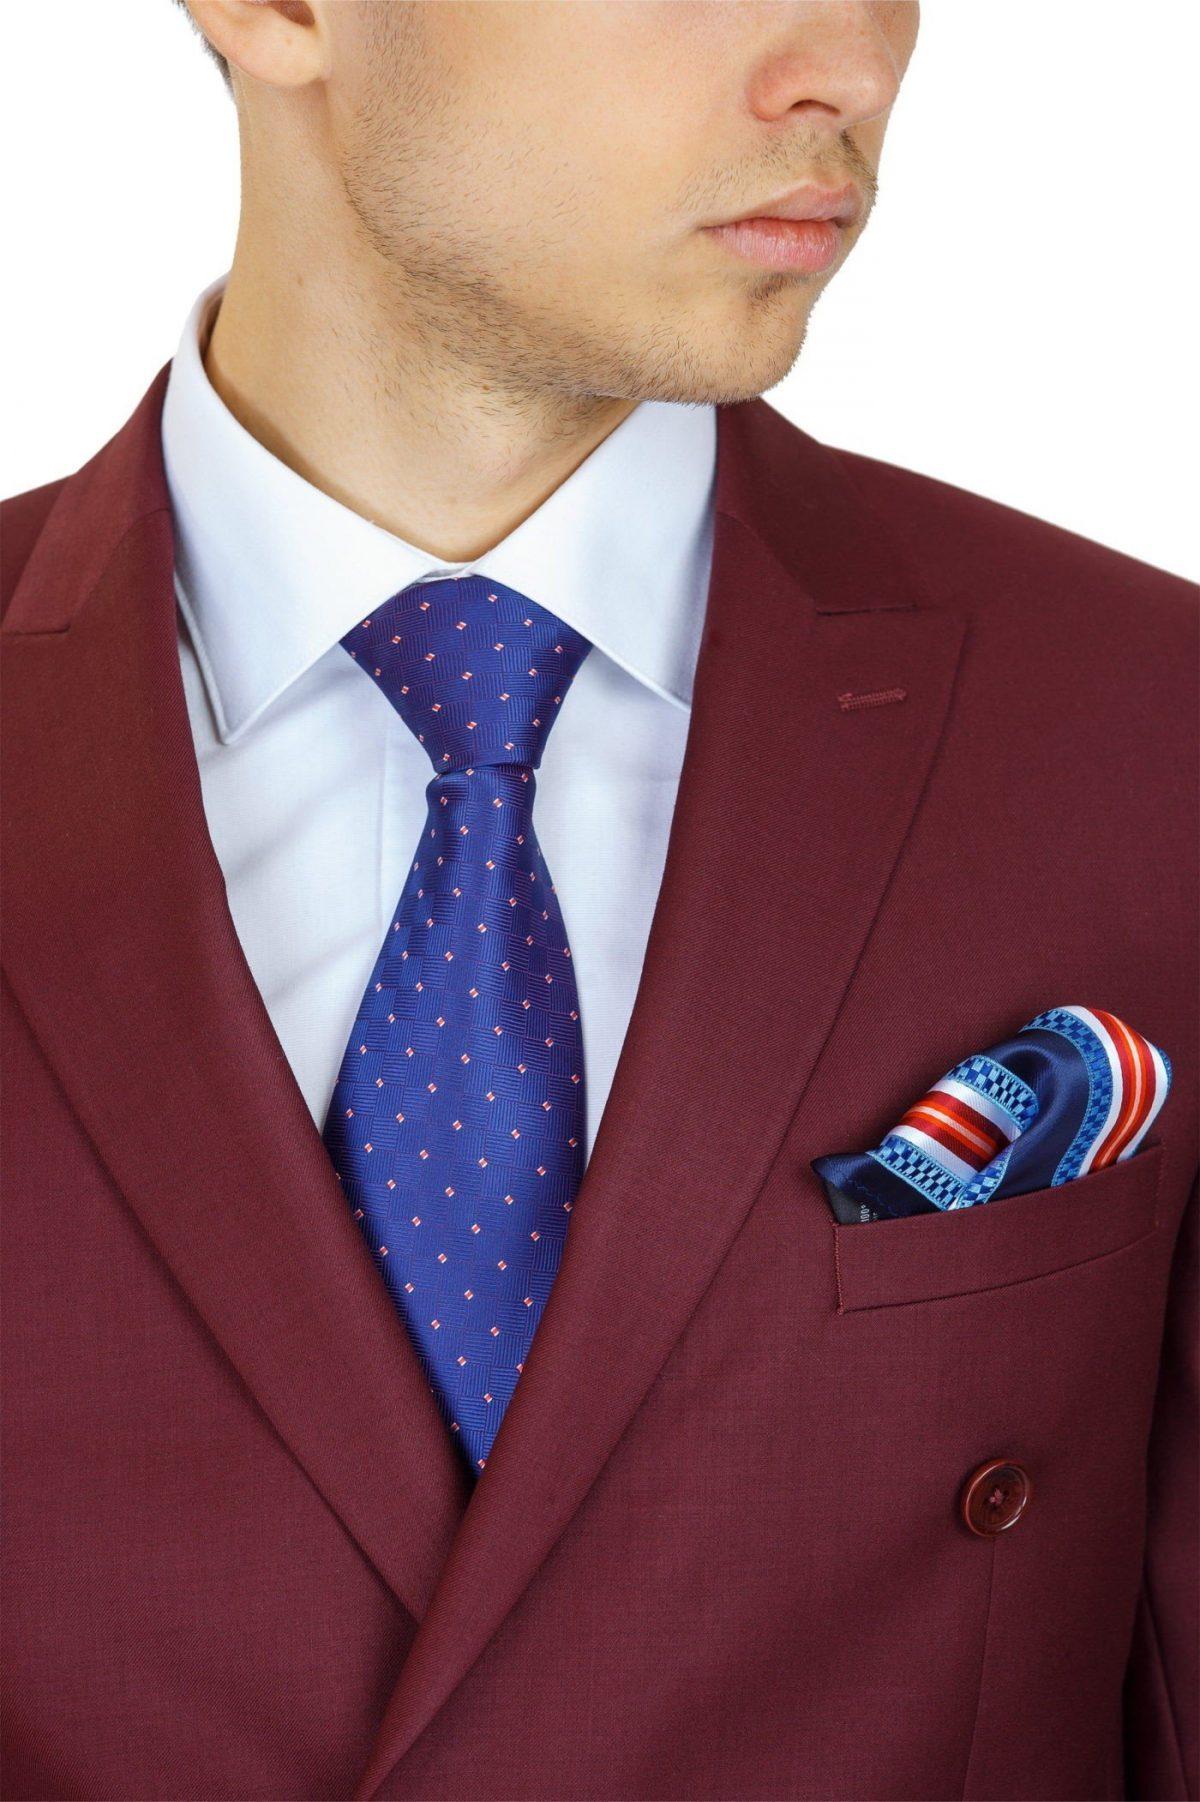 Мужской костюм цветом марсала белая рубашка и синий галстук